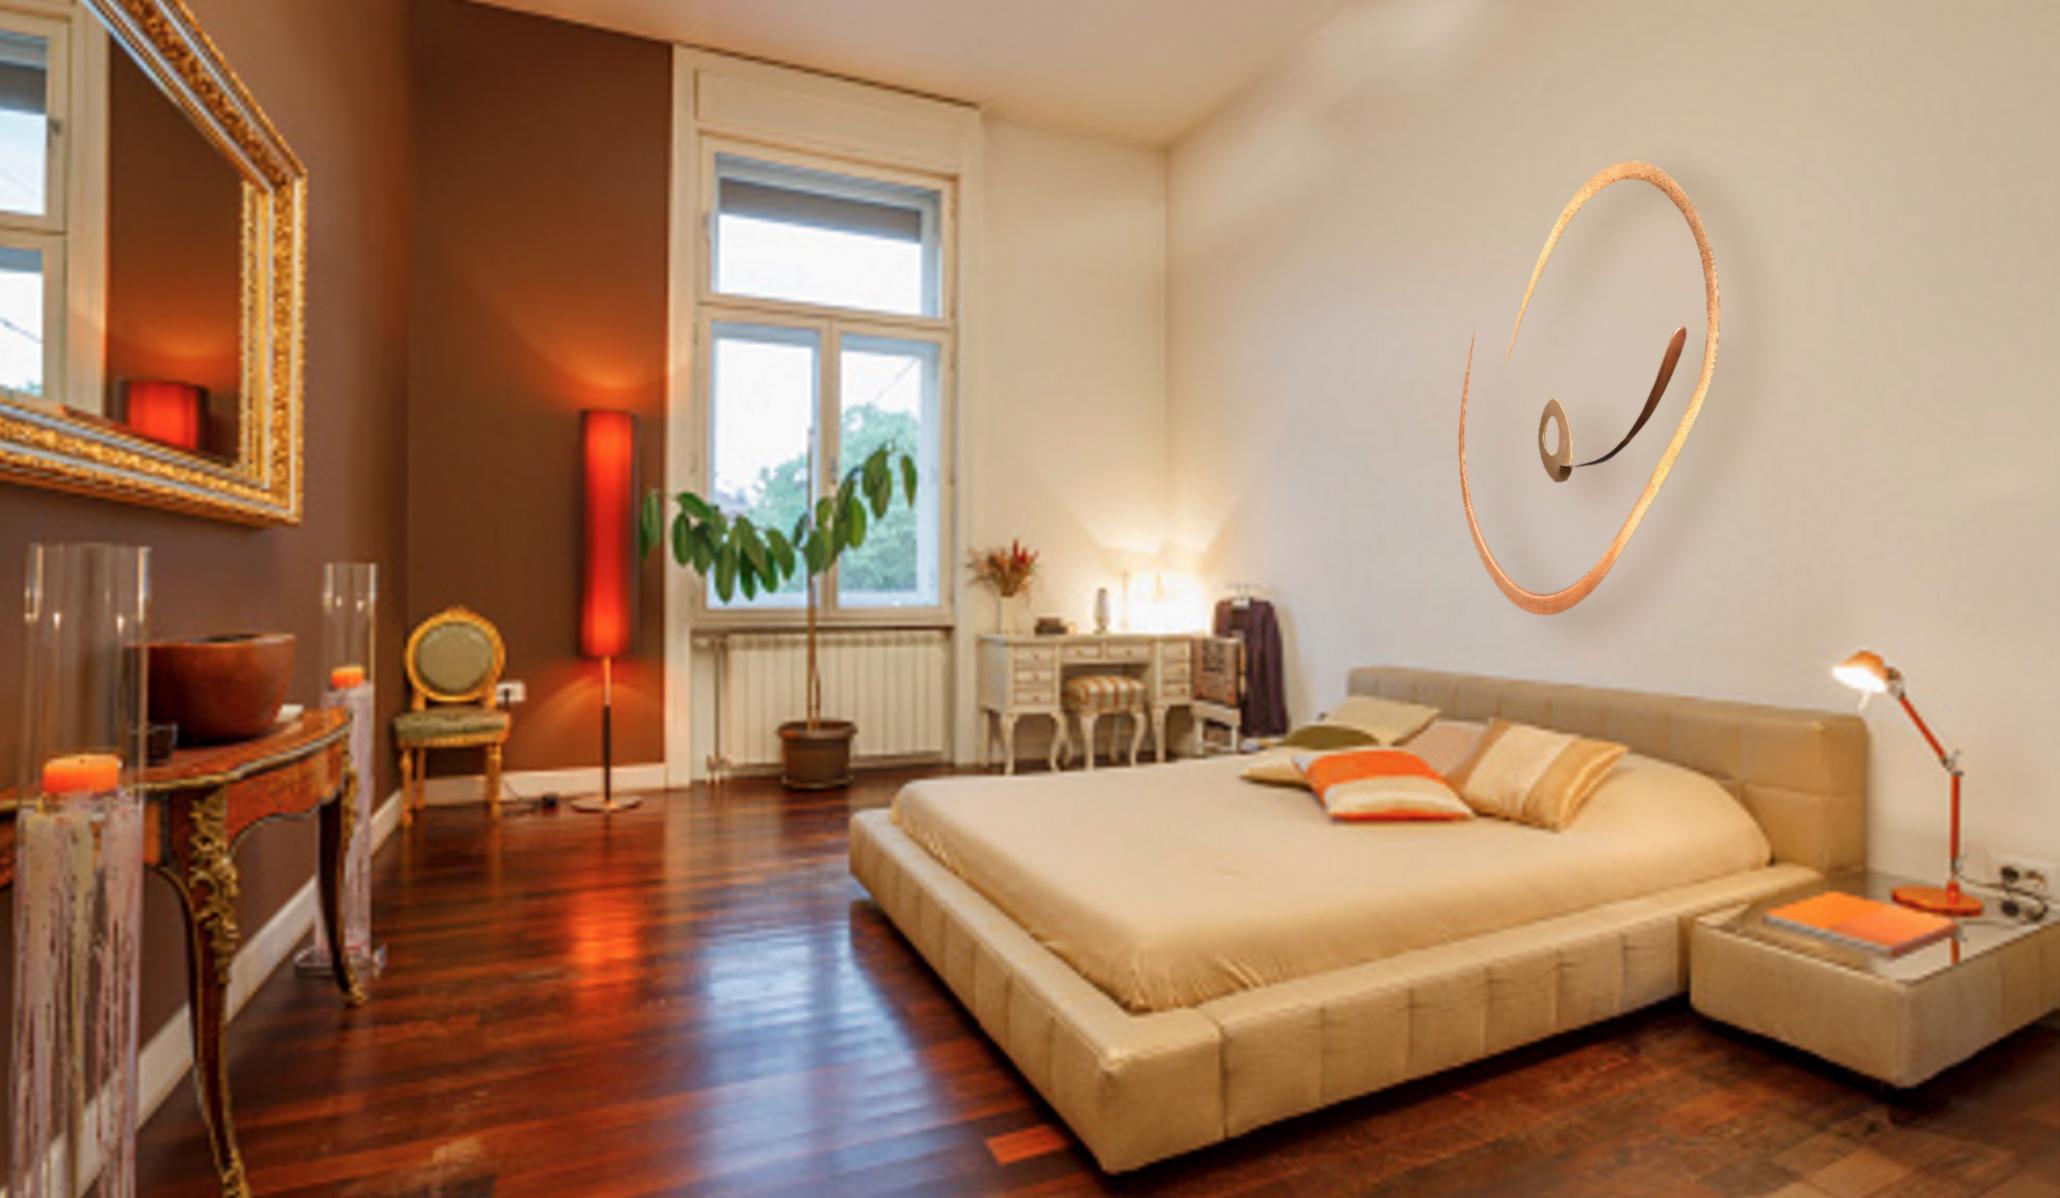 hoop bedroom